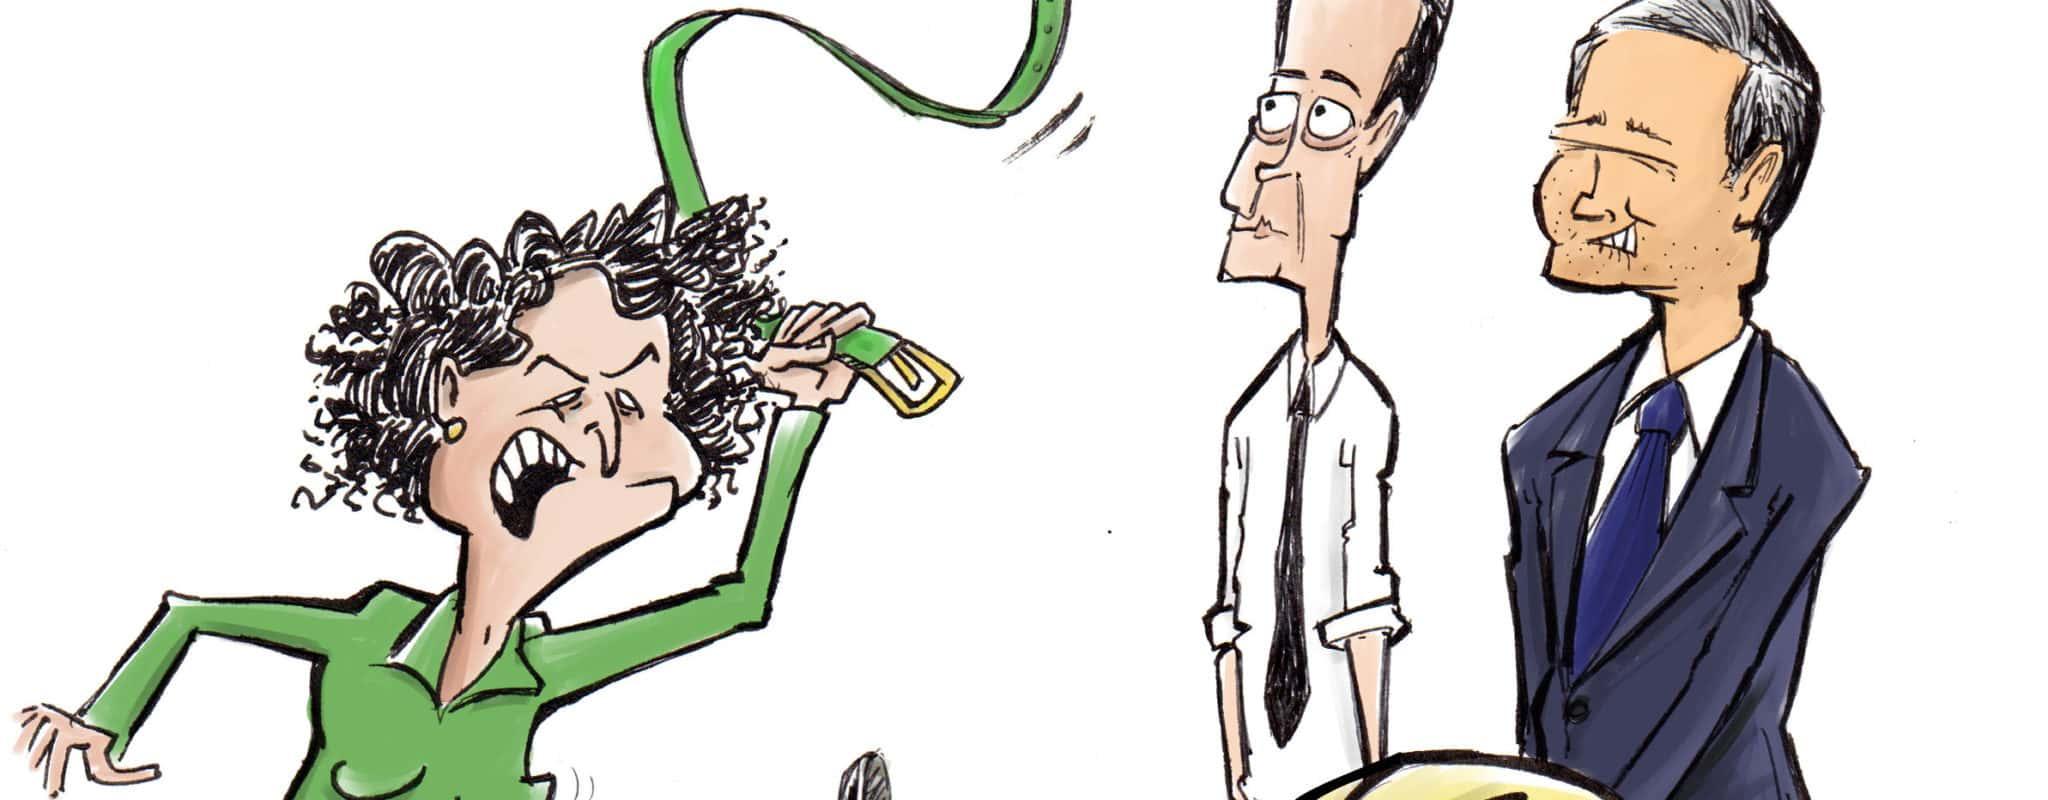 Écologie : il est vert mon bilan!